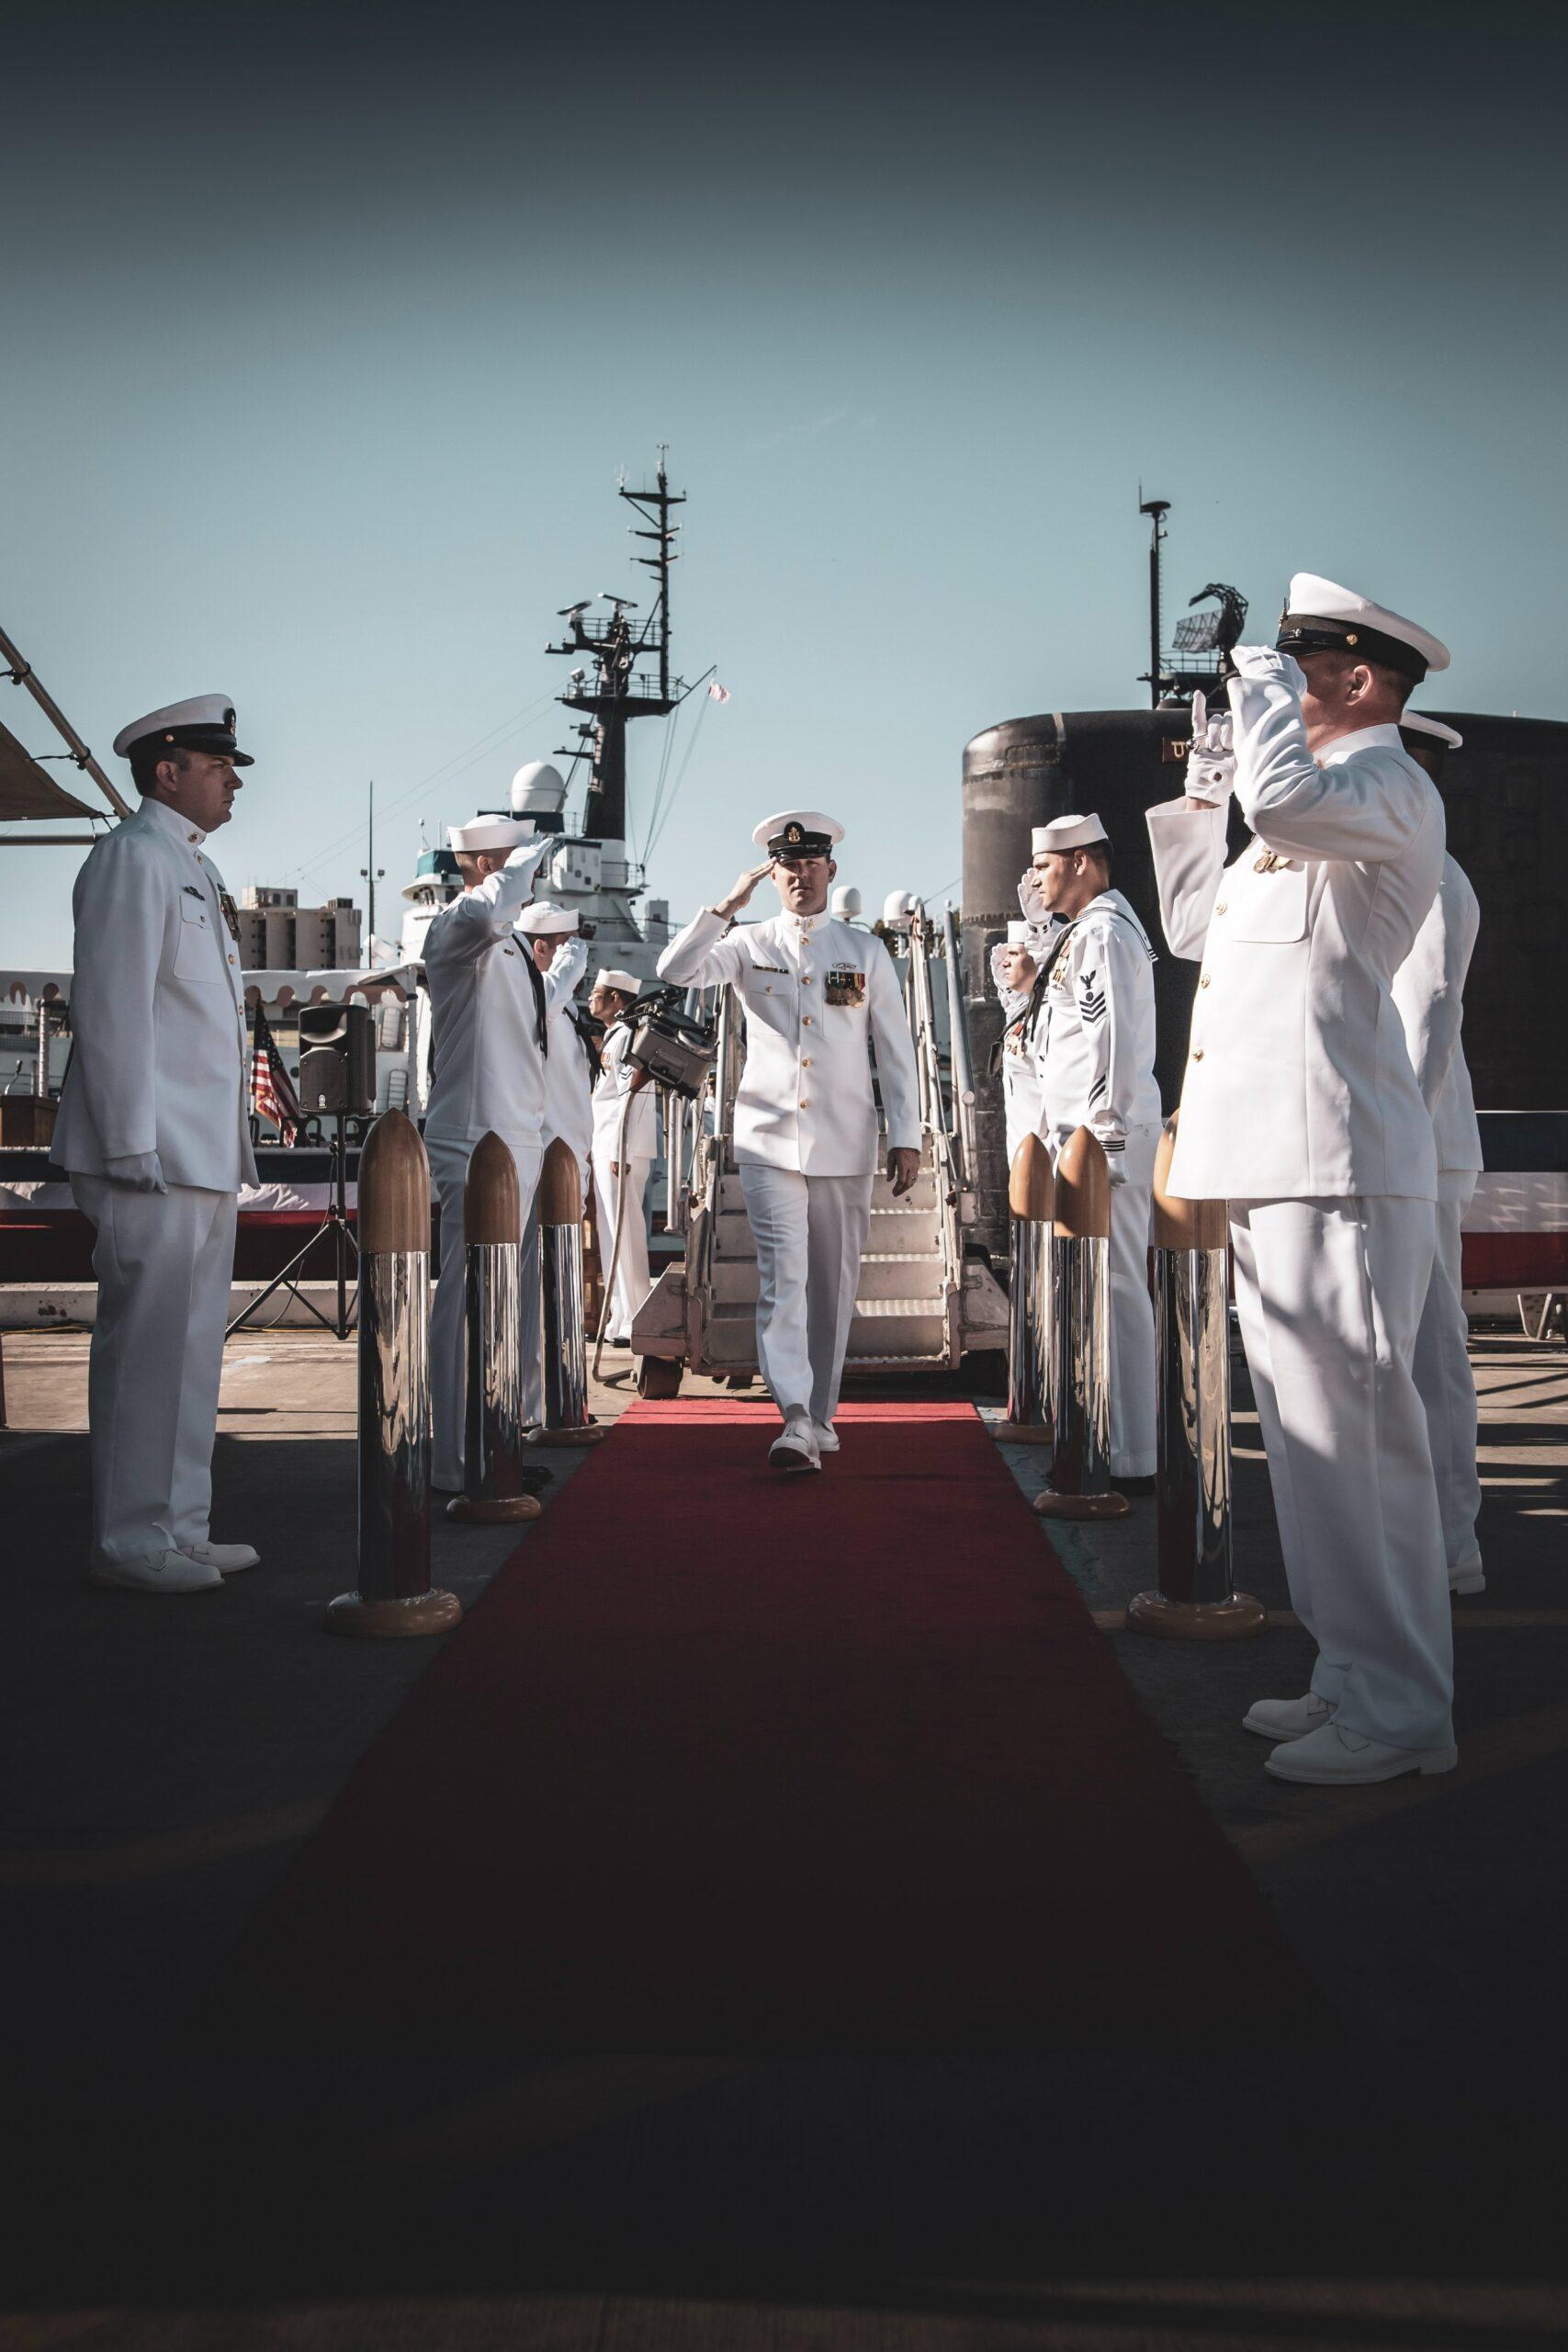 navy_luemen-rutkowski-YgNZxmEWQvk-unsplash